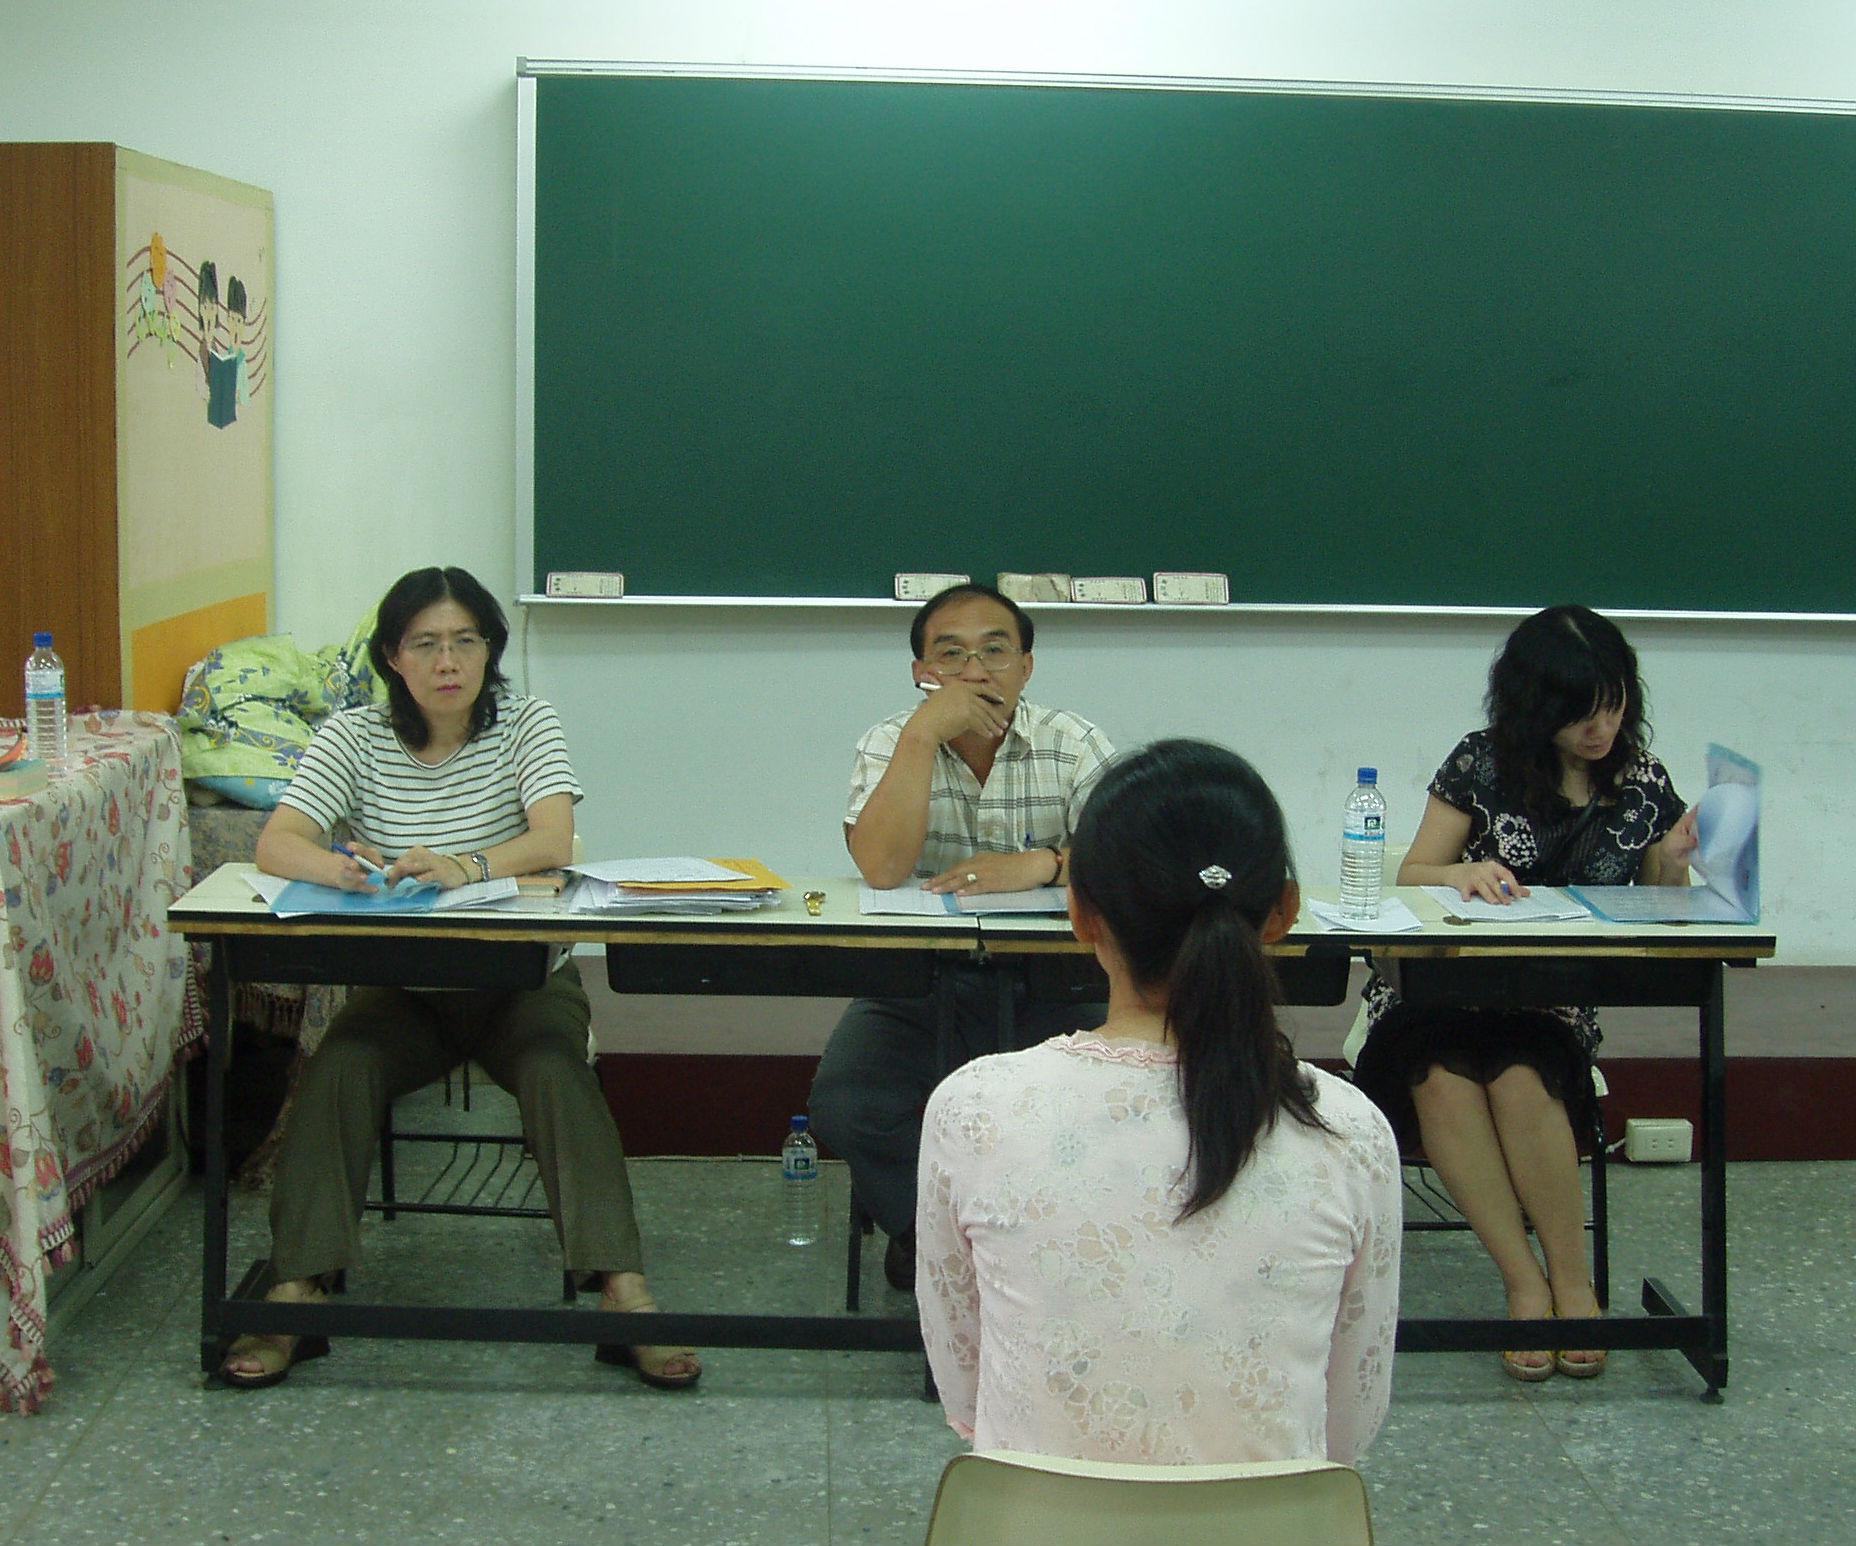 雲林教師甄試登場 競爭激烈